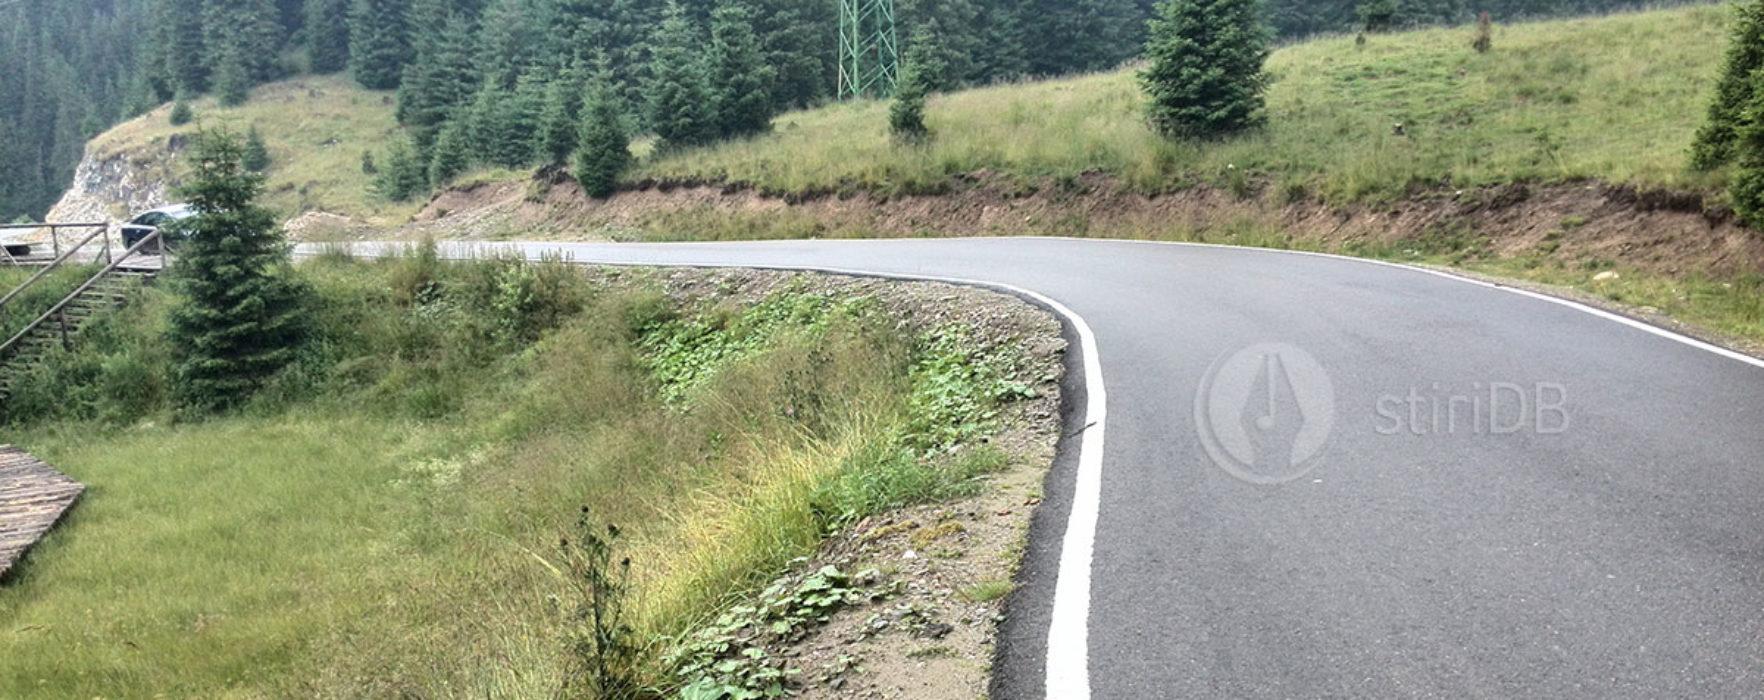 Dâmboviţa: A început asfaltarea la drumul din munte, zona Zănoaga